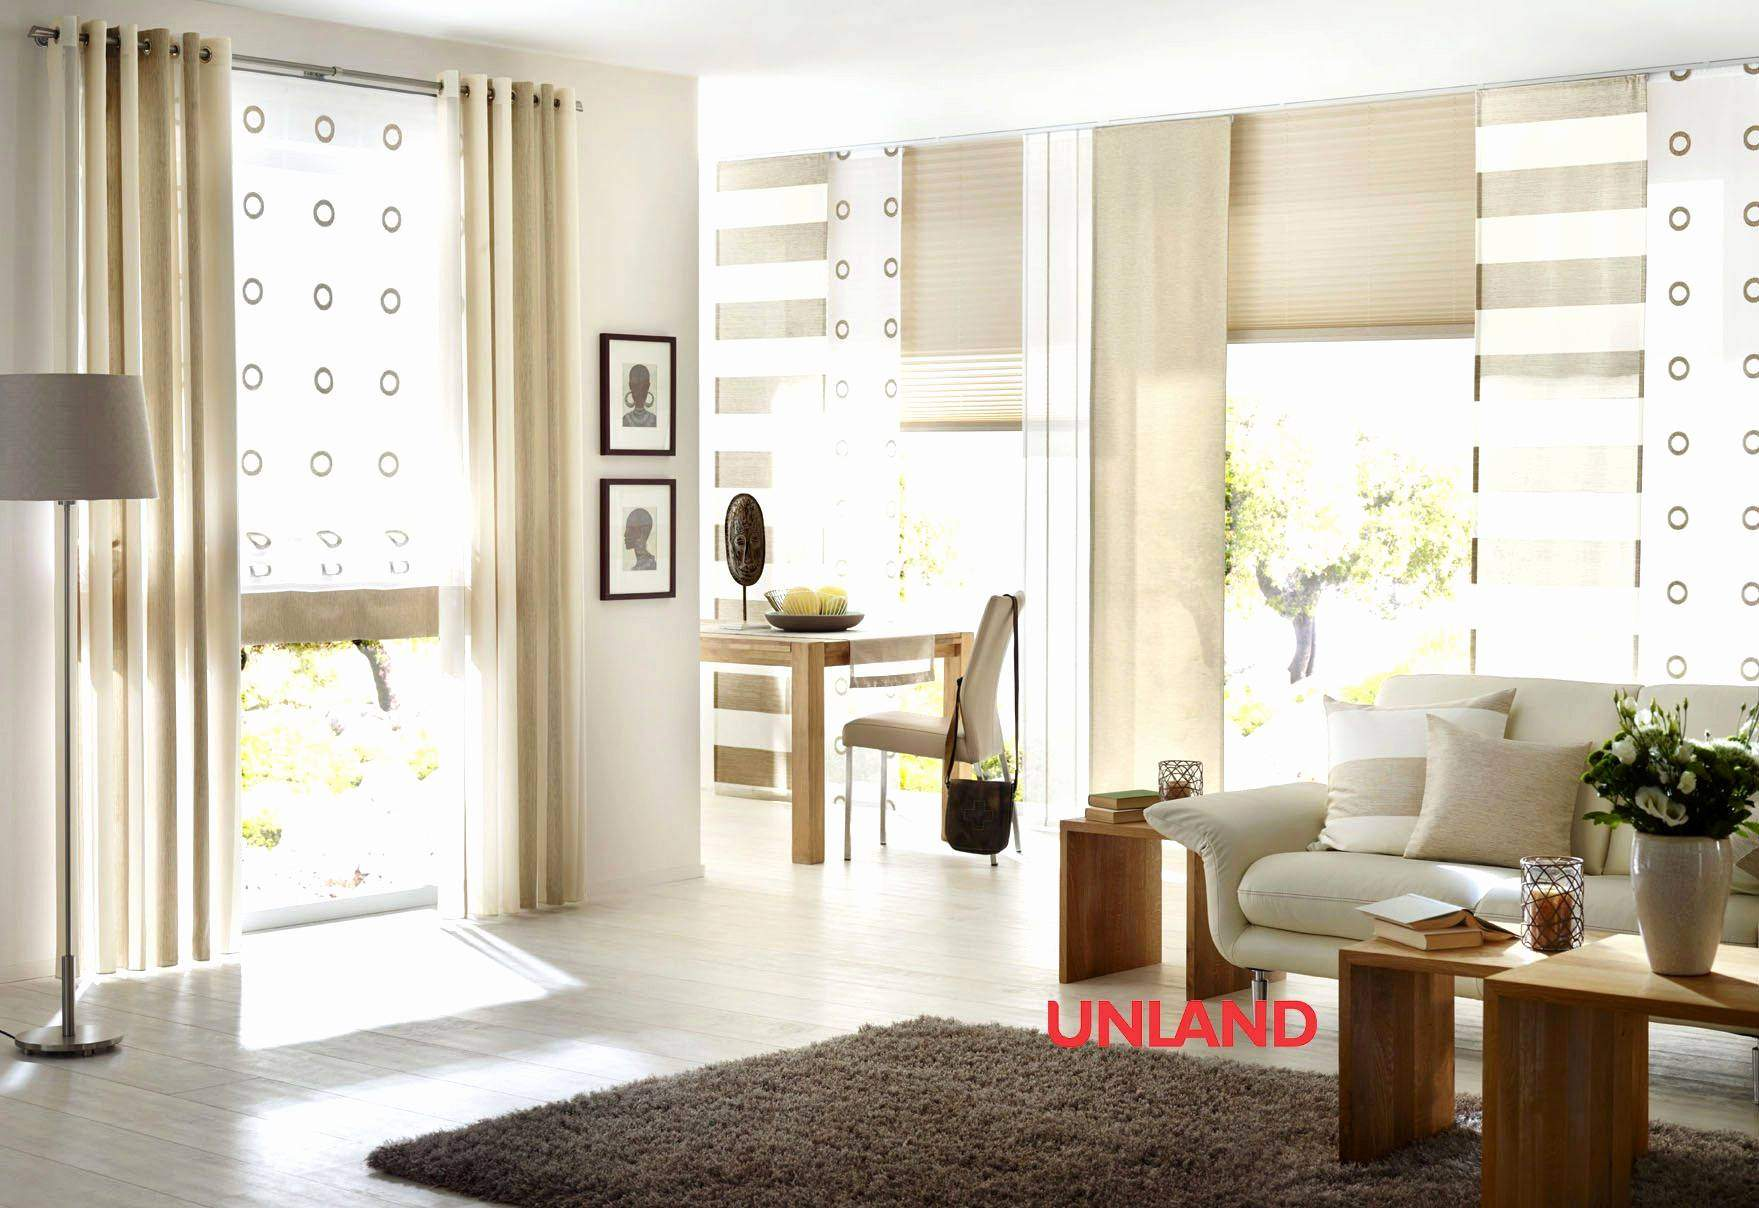 Full Size of Moderne Wohnzimmer Ideen Elegant Lovely Gardinen Modern Landhausküche Gebraucht Massivholzküche Einlegeböden Küche Fliesenspiegel Glas Ikea Kosten Wohnzimmer Vorhänge Küche Ideen